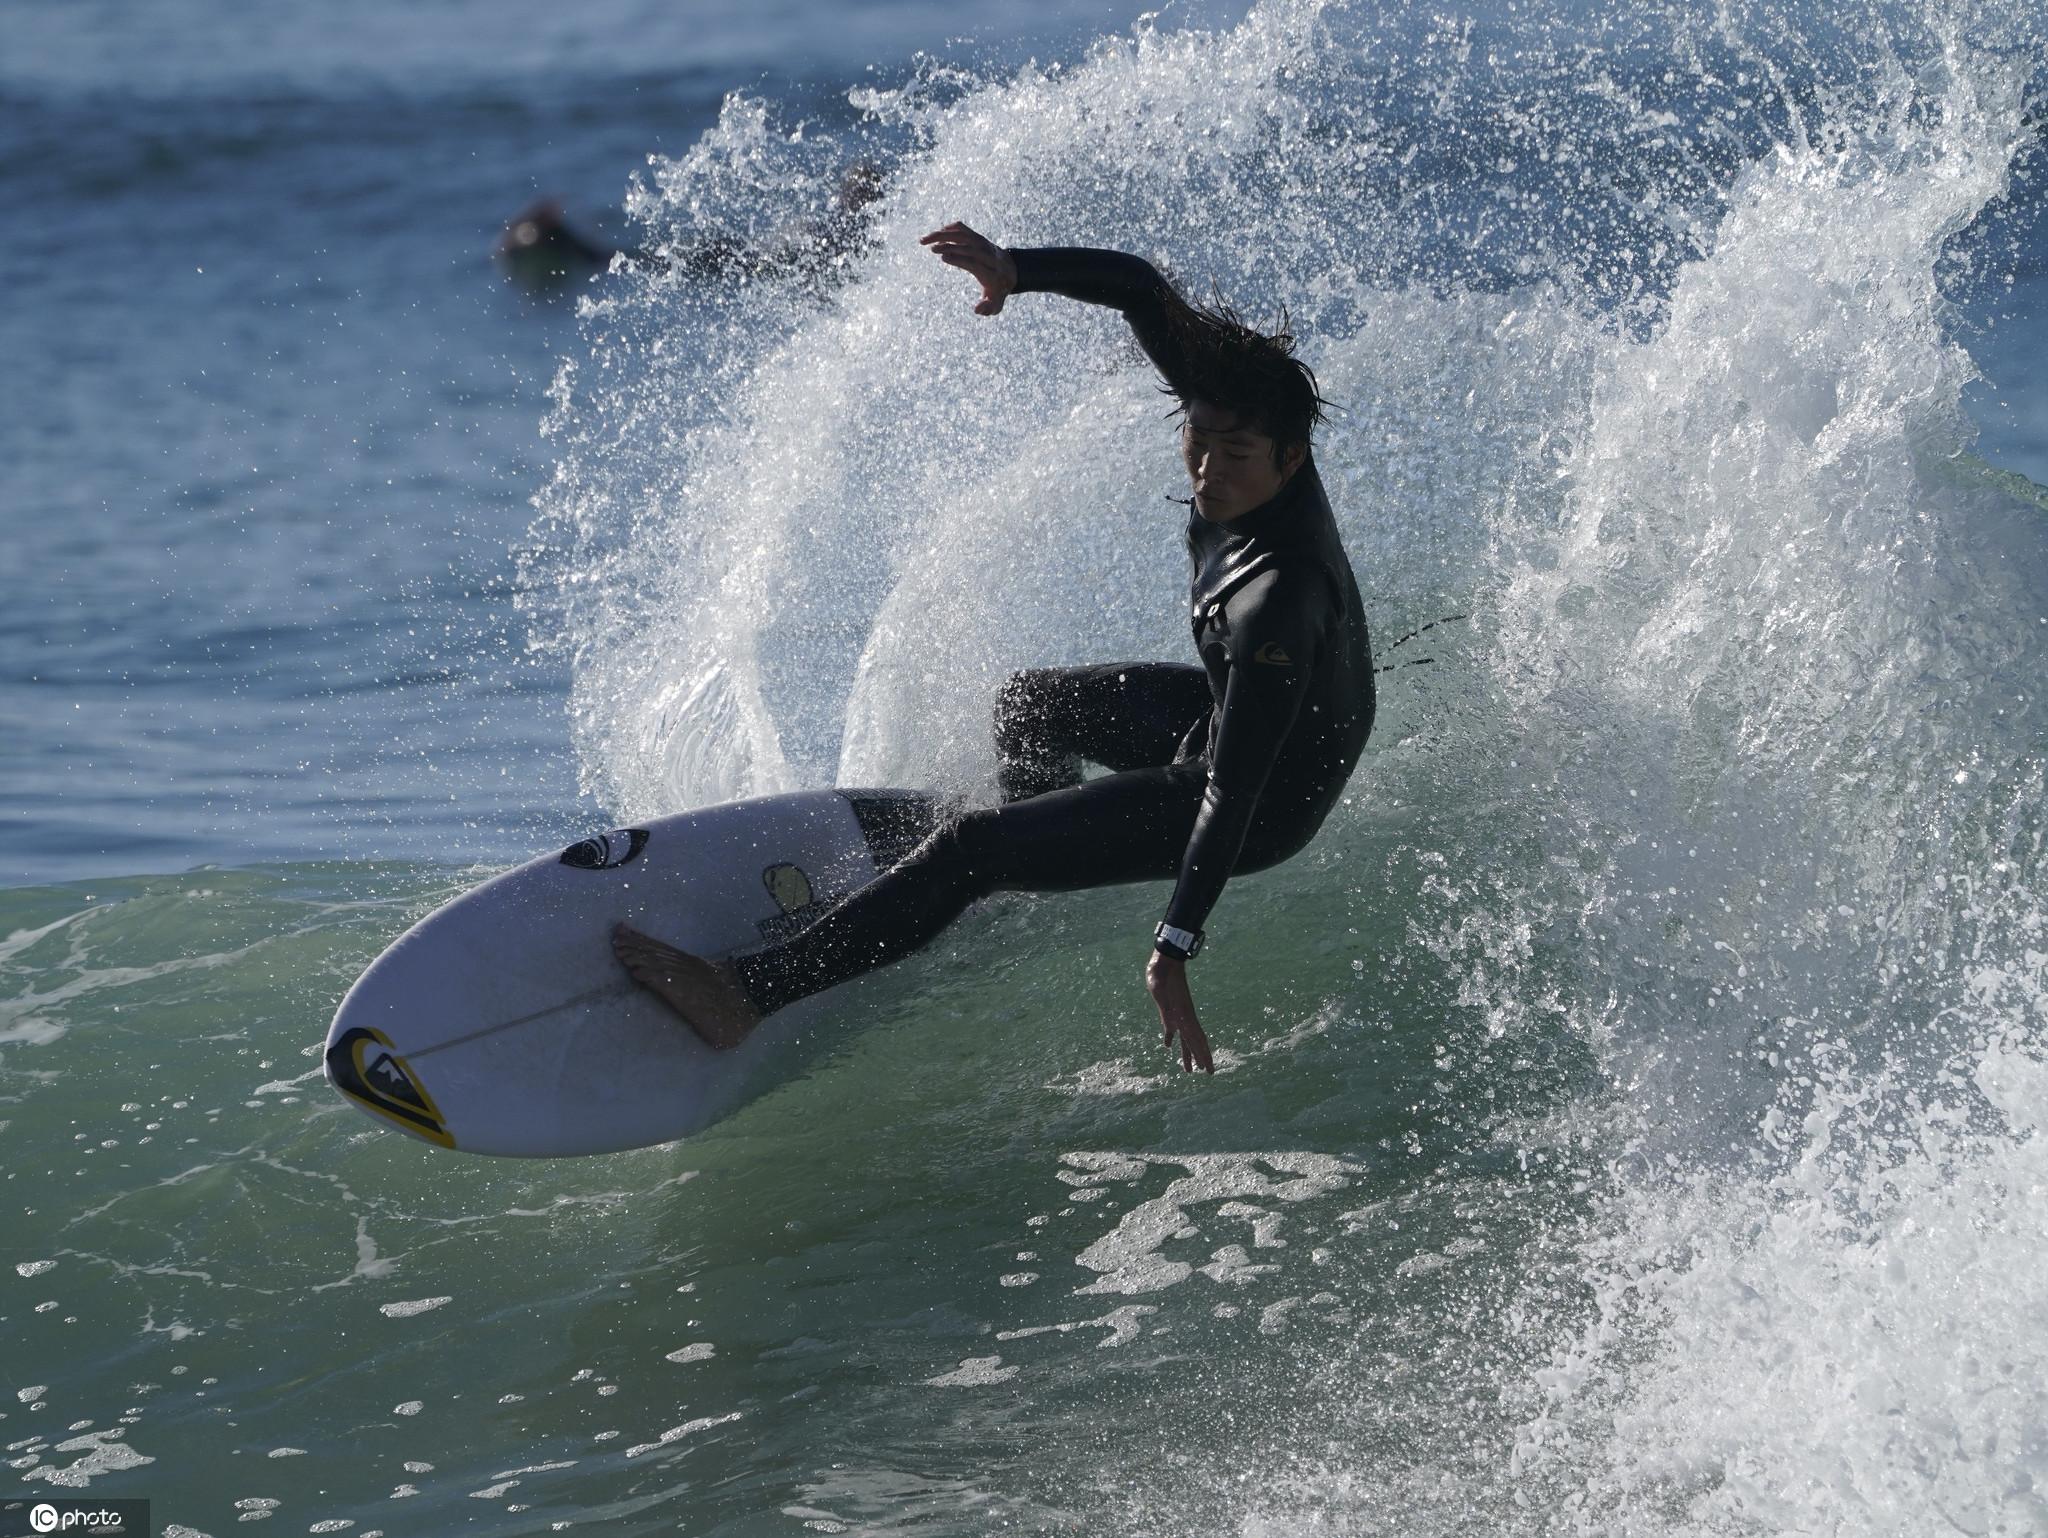 超級大潮侵襲美國加州海岸 沖浪者與巨浪勇敢搏鬥-圖3